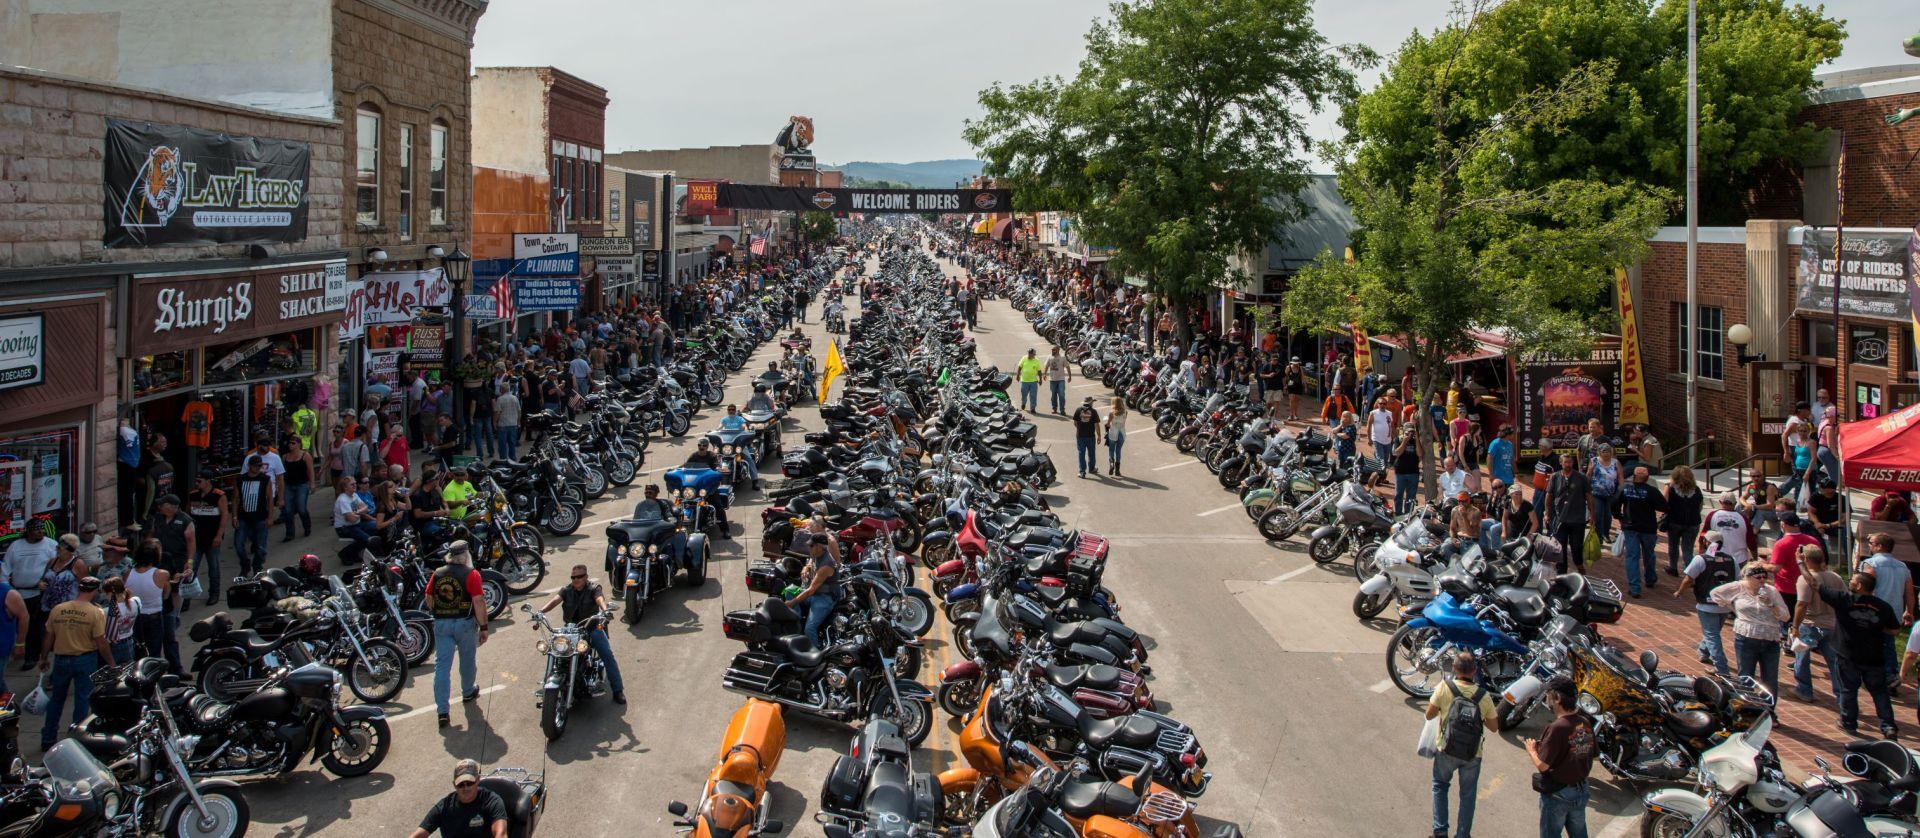 Sturgis Motocycle Rally